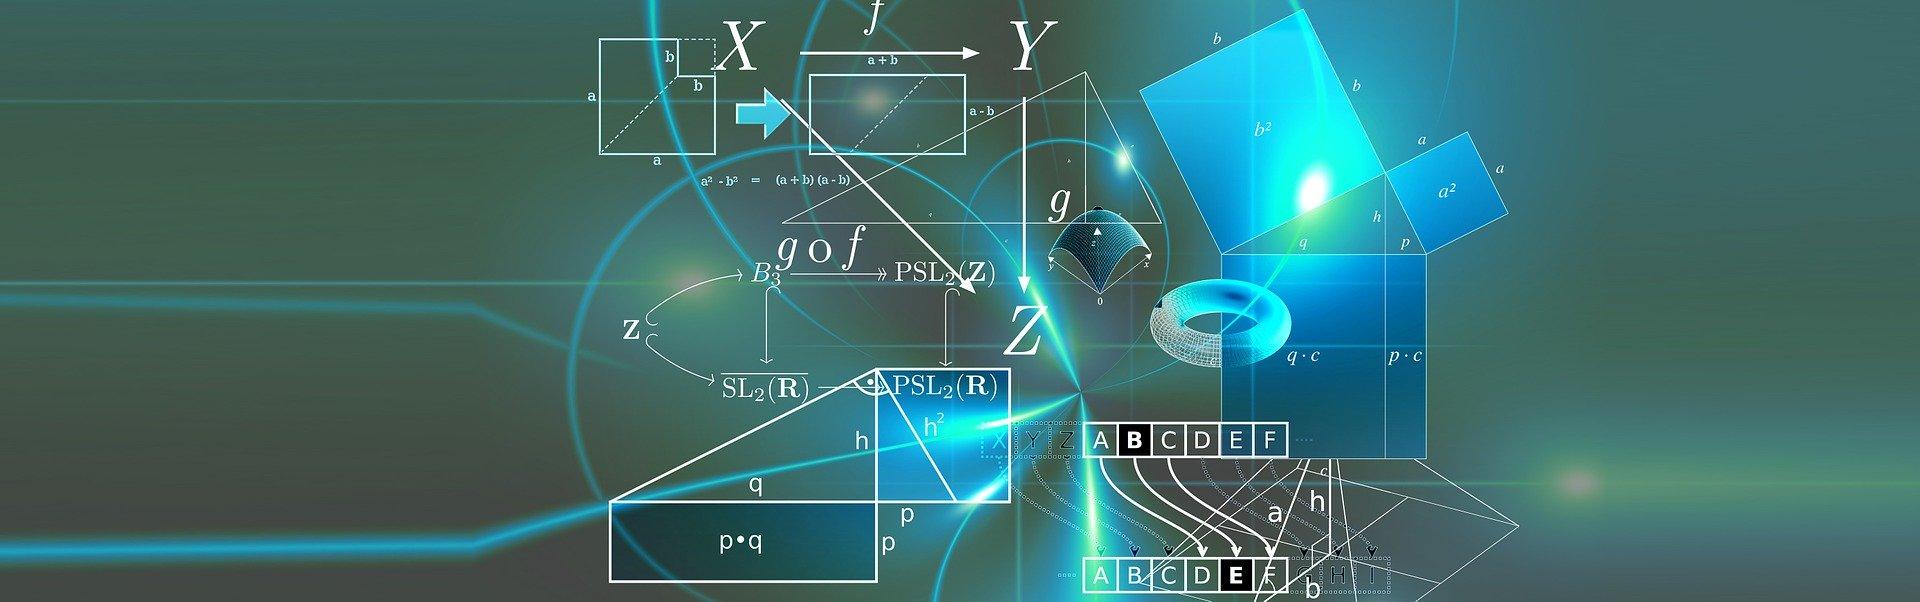 Blitzlicht: Taschenrechner für Experten